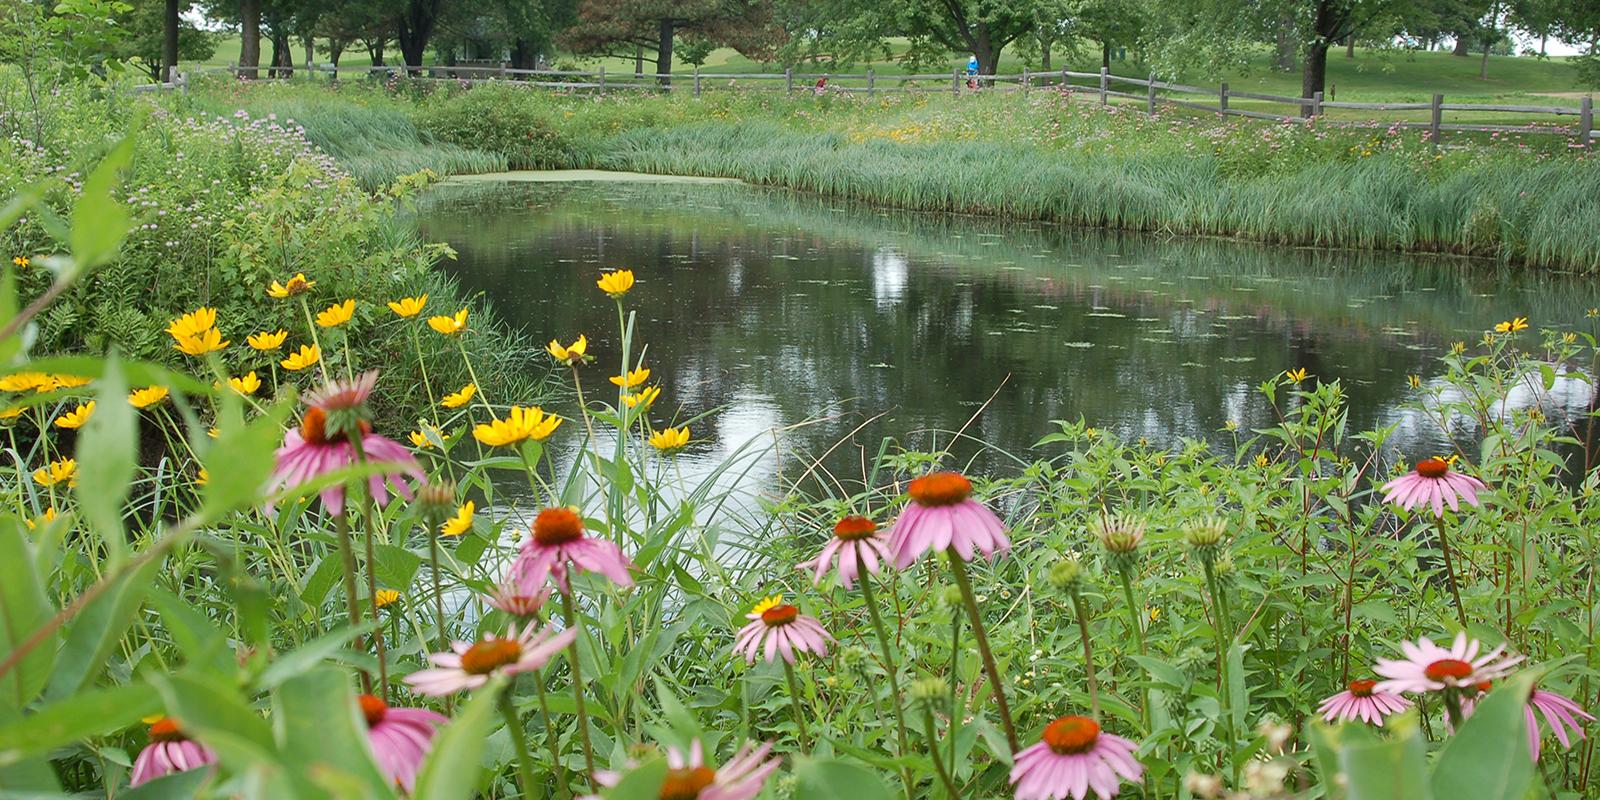 Keller Golf Course pond